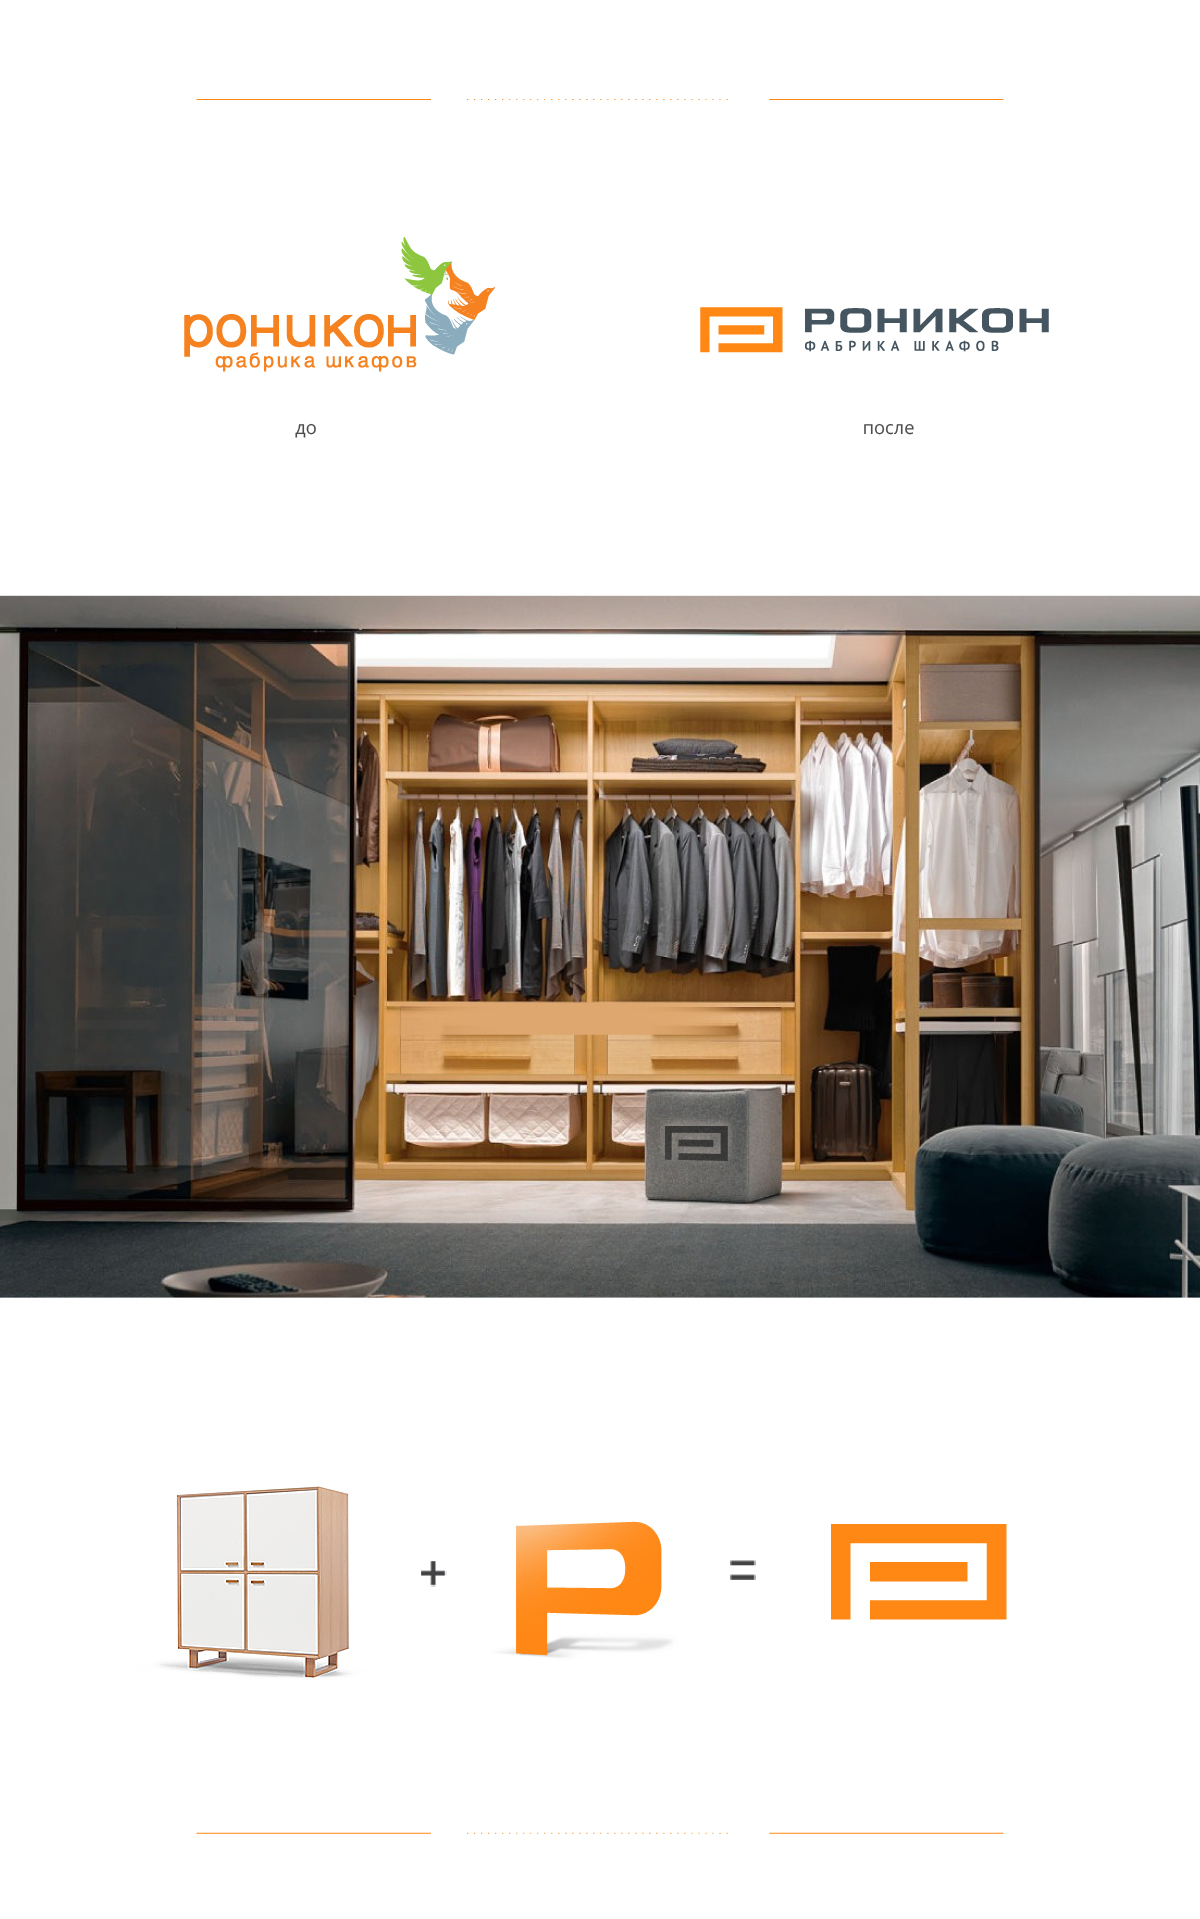 Роникон — крупнейший производитель корпусной мебели